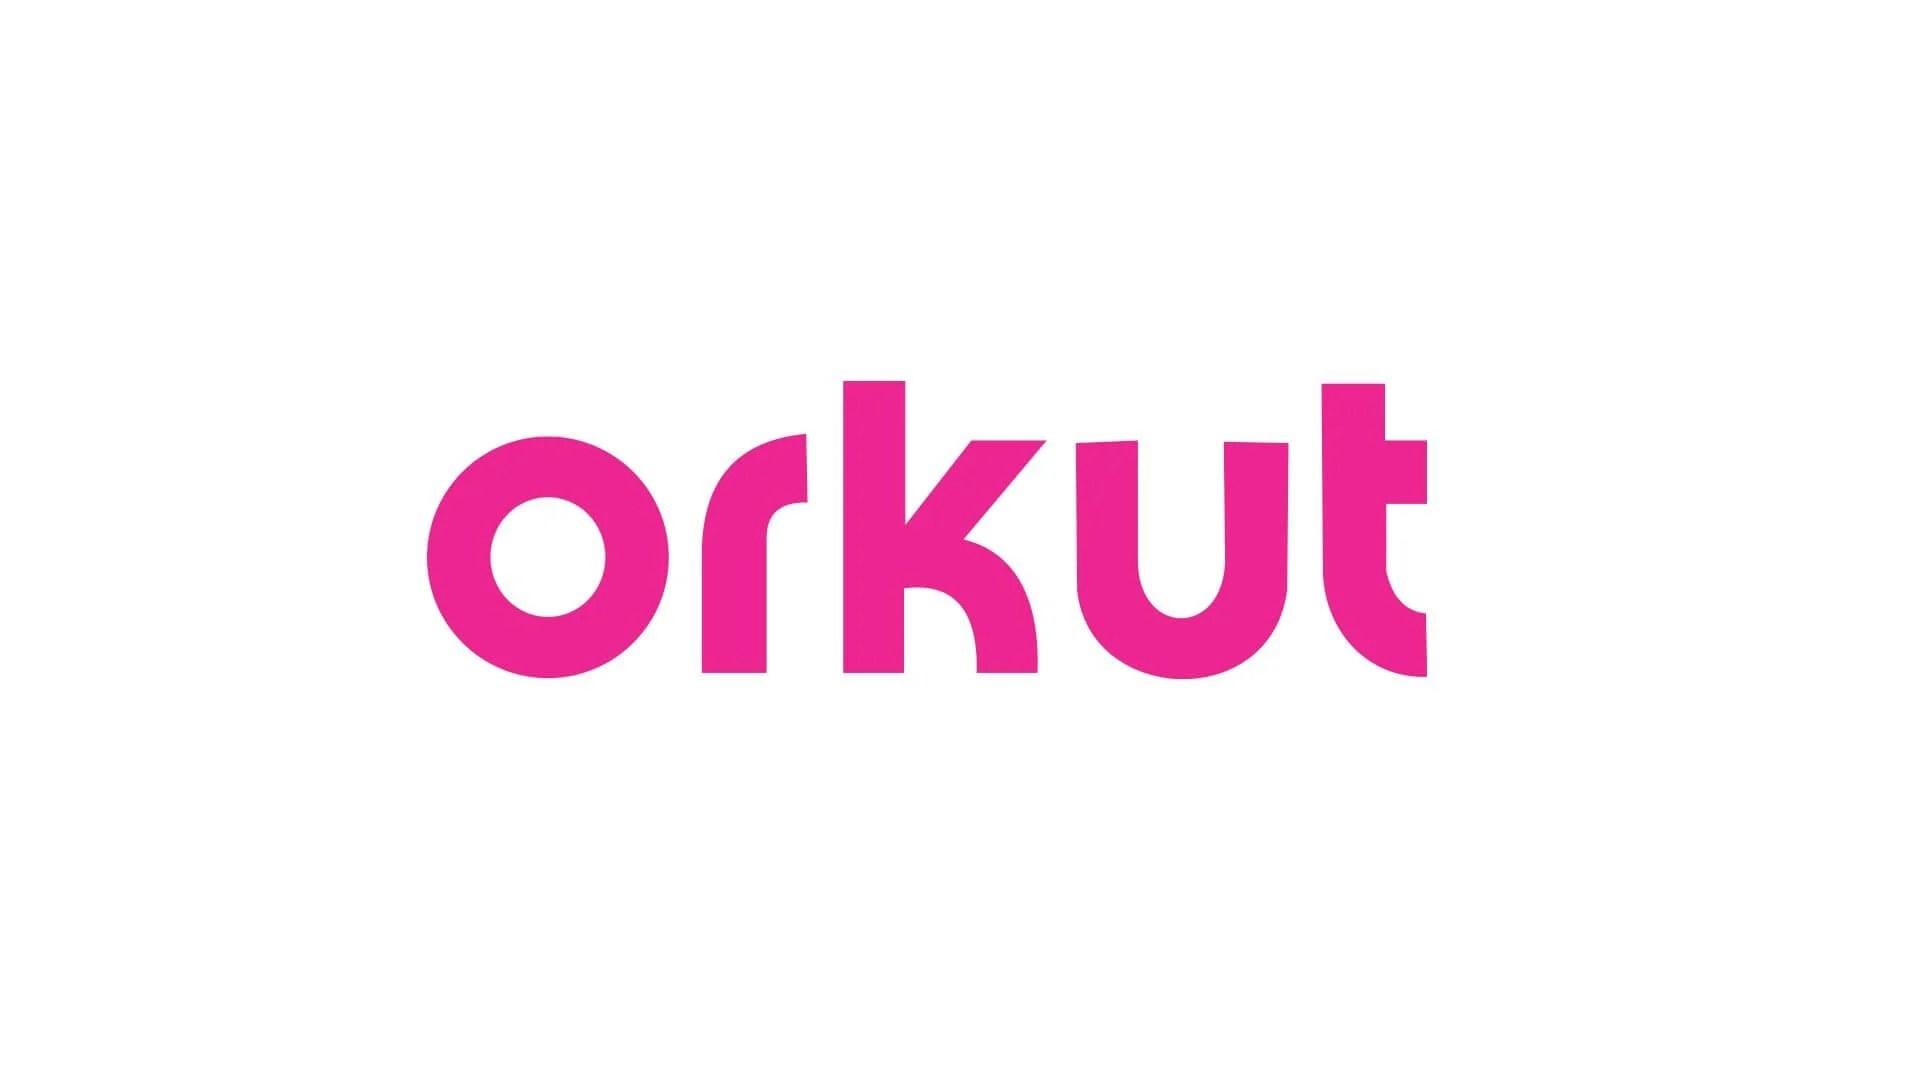 maxresdefault 5 - Adeus! Este é realmente o fim do Orkut